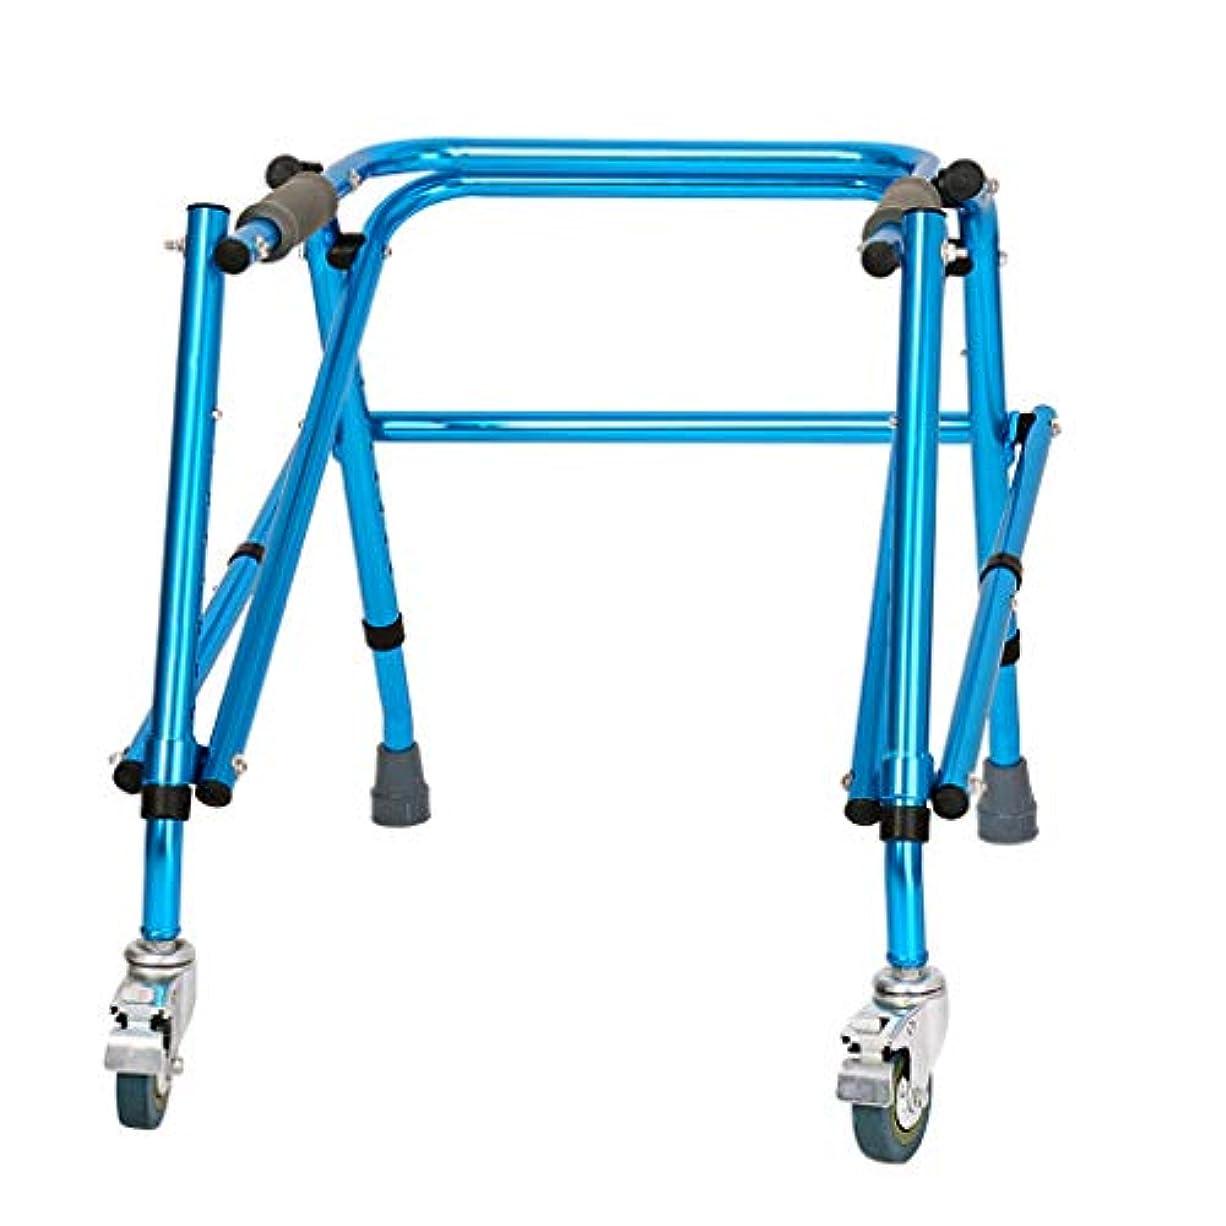 キャロラインリアルモックLINrxl 子供下肢トレーニングとリハビリテーション機器/立ち歩行スタンド/ウォークエイド/ウォーカー/スタンドフレーム付きホイールリハビリ機器